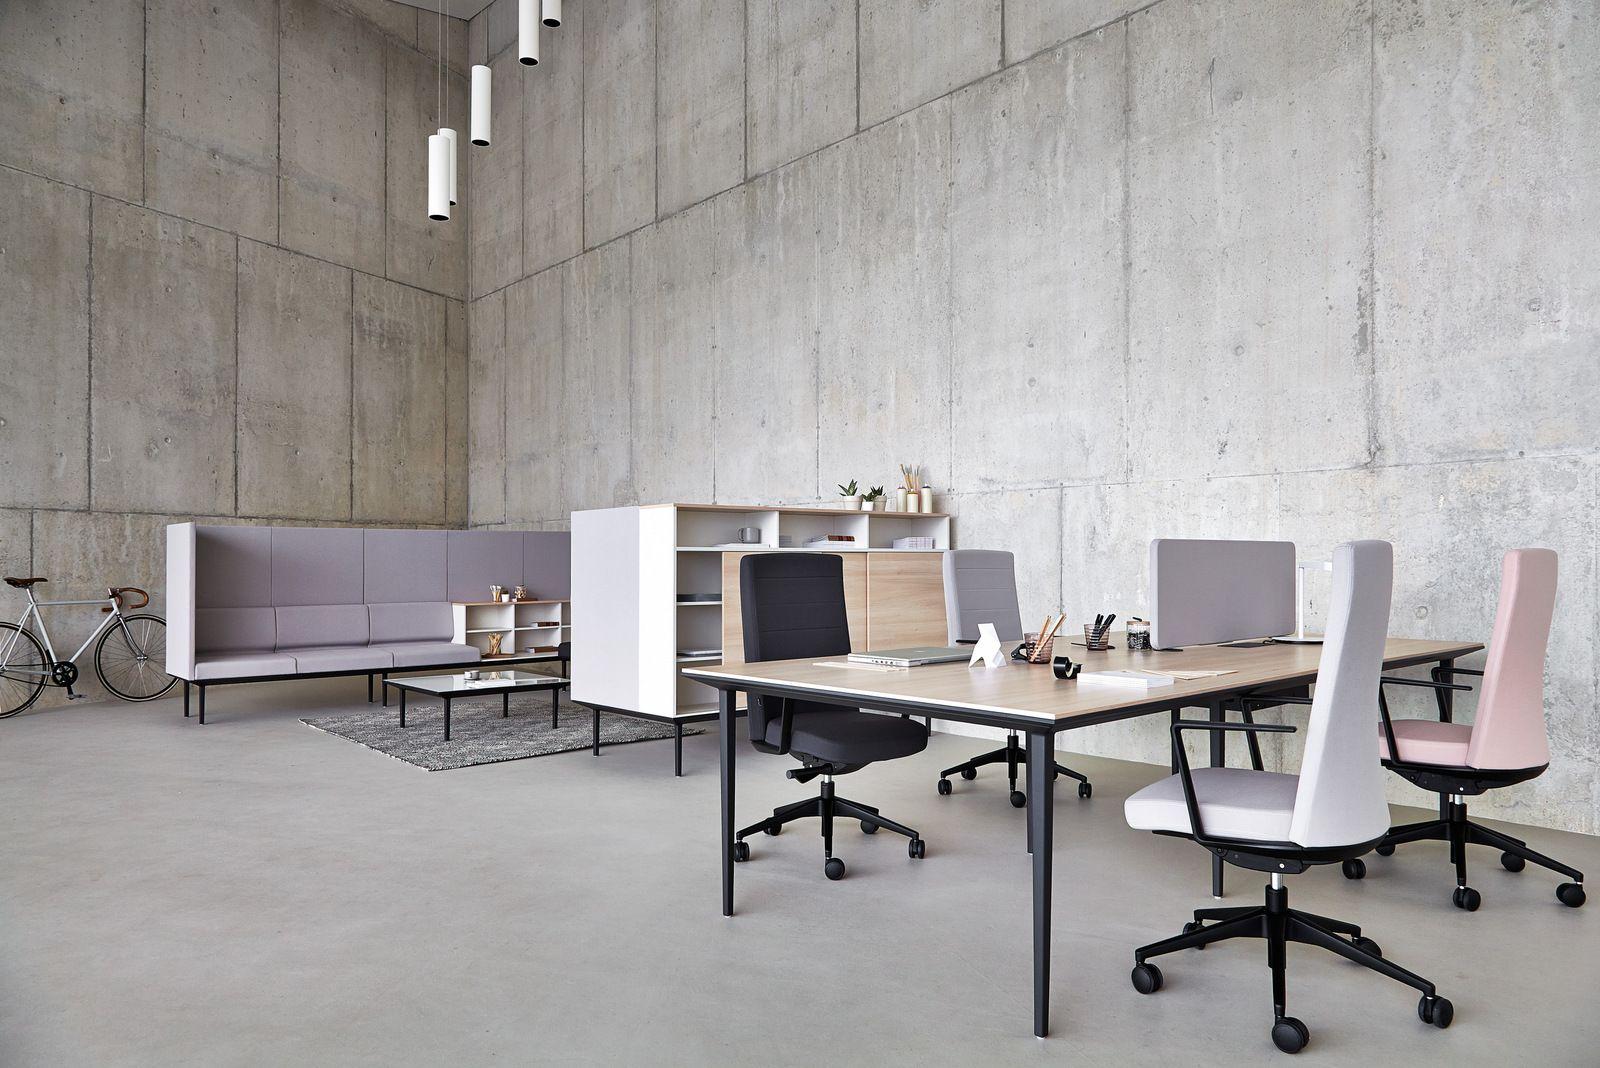 Épinglé par bwi furniture sur work and create pinterest